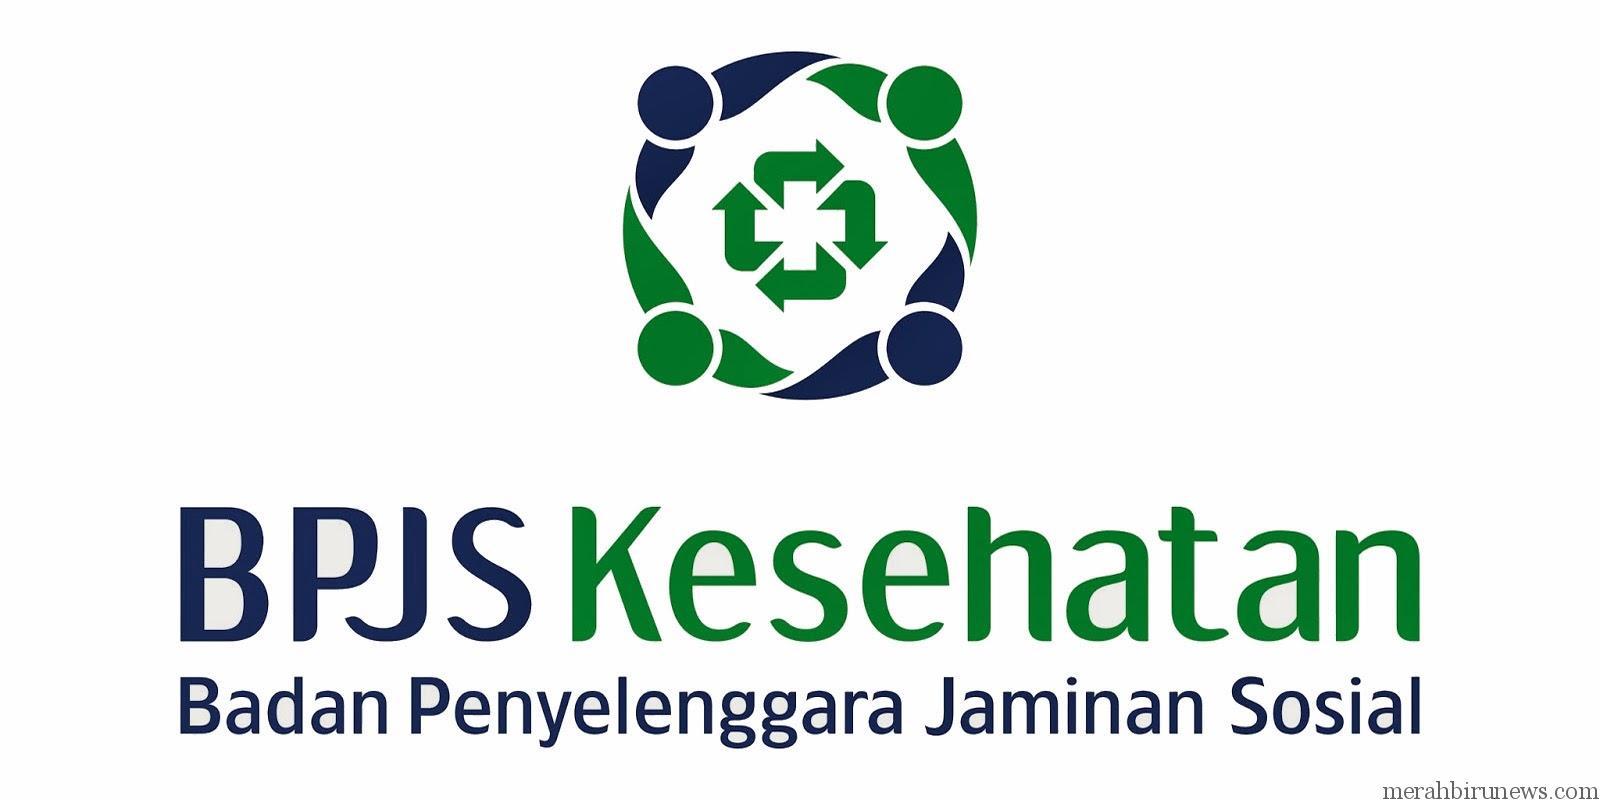 fatwa bahwa Badan Penyelenggara Jaminan Sosial (BPJS) Kesehatan yang dijalankan pemerintah ternyata tidak sesuai syariah alias haram.